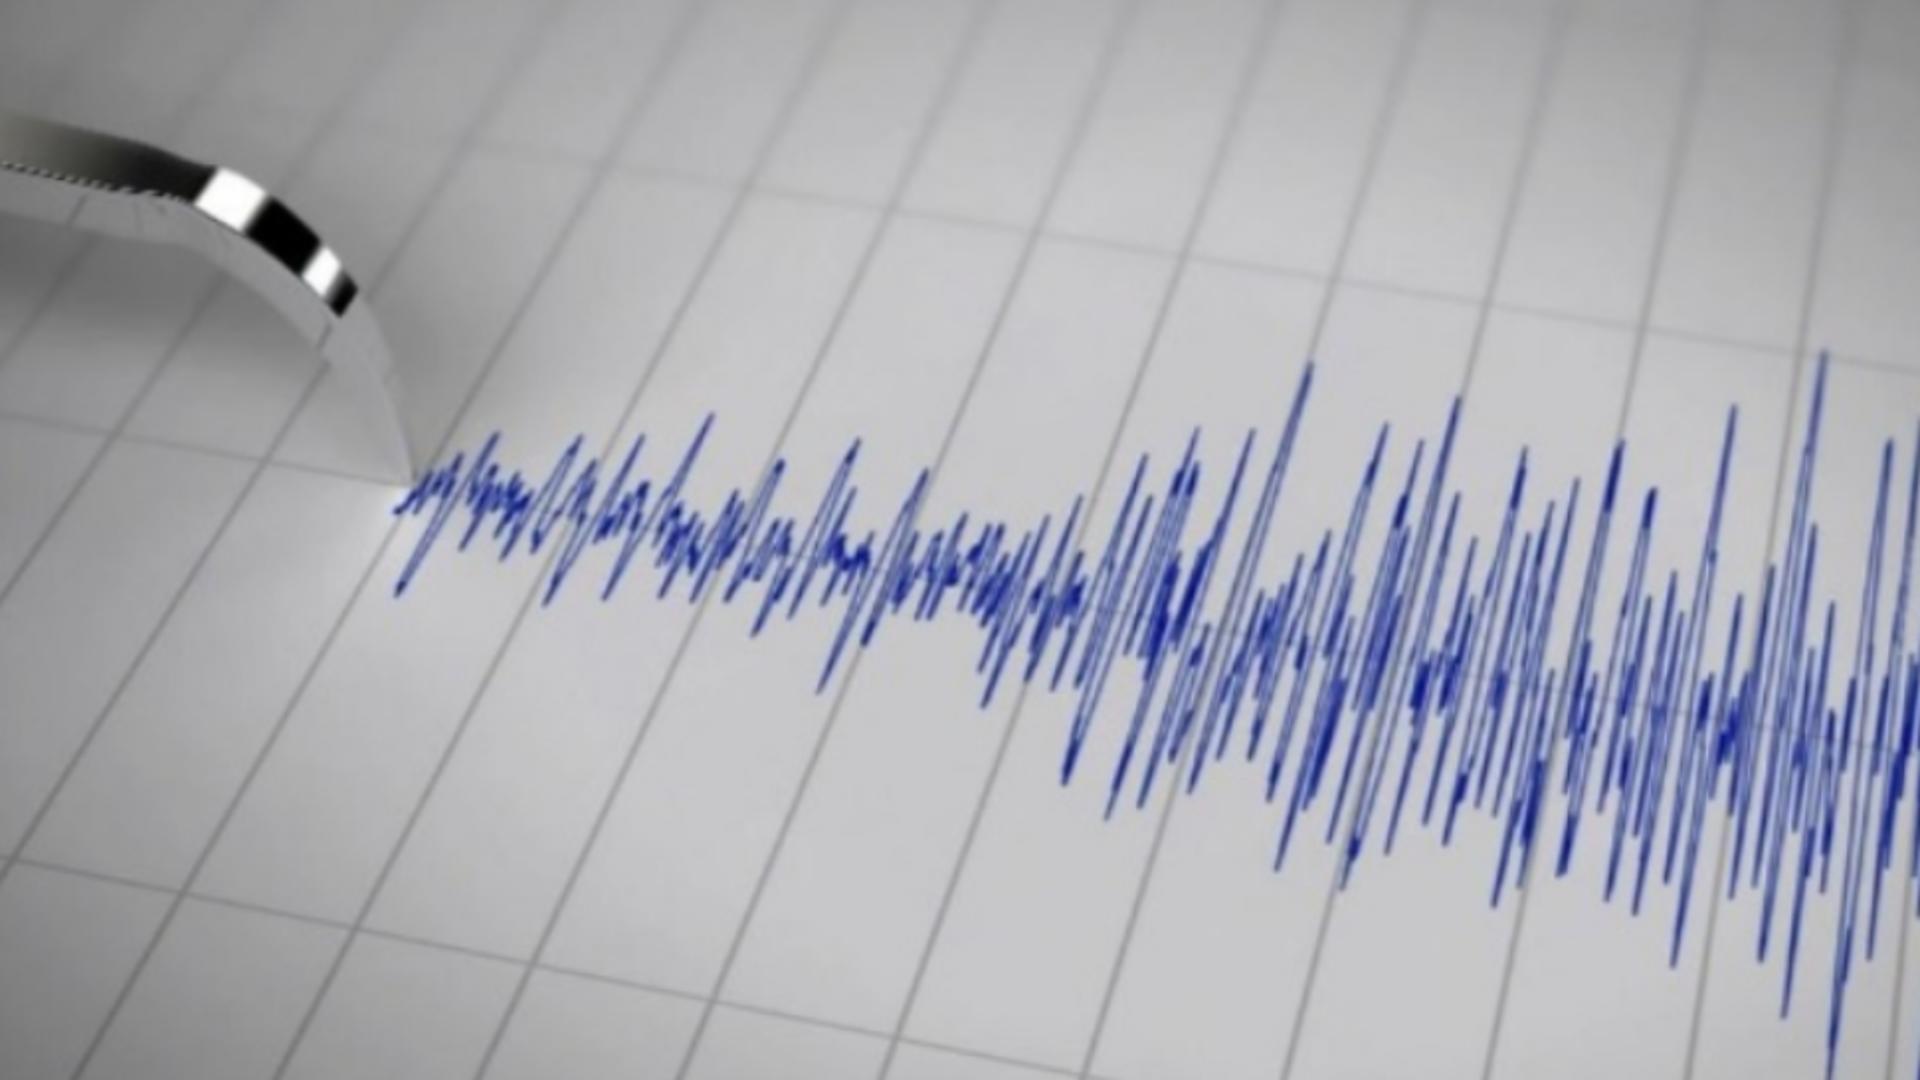 Doua cutremure în mai puțin de 24 de ore la noi în țară